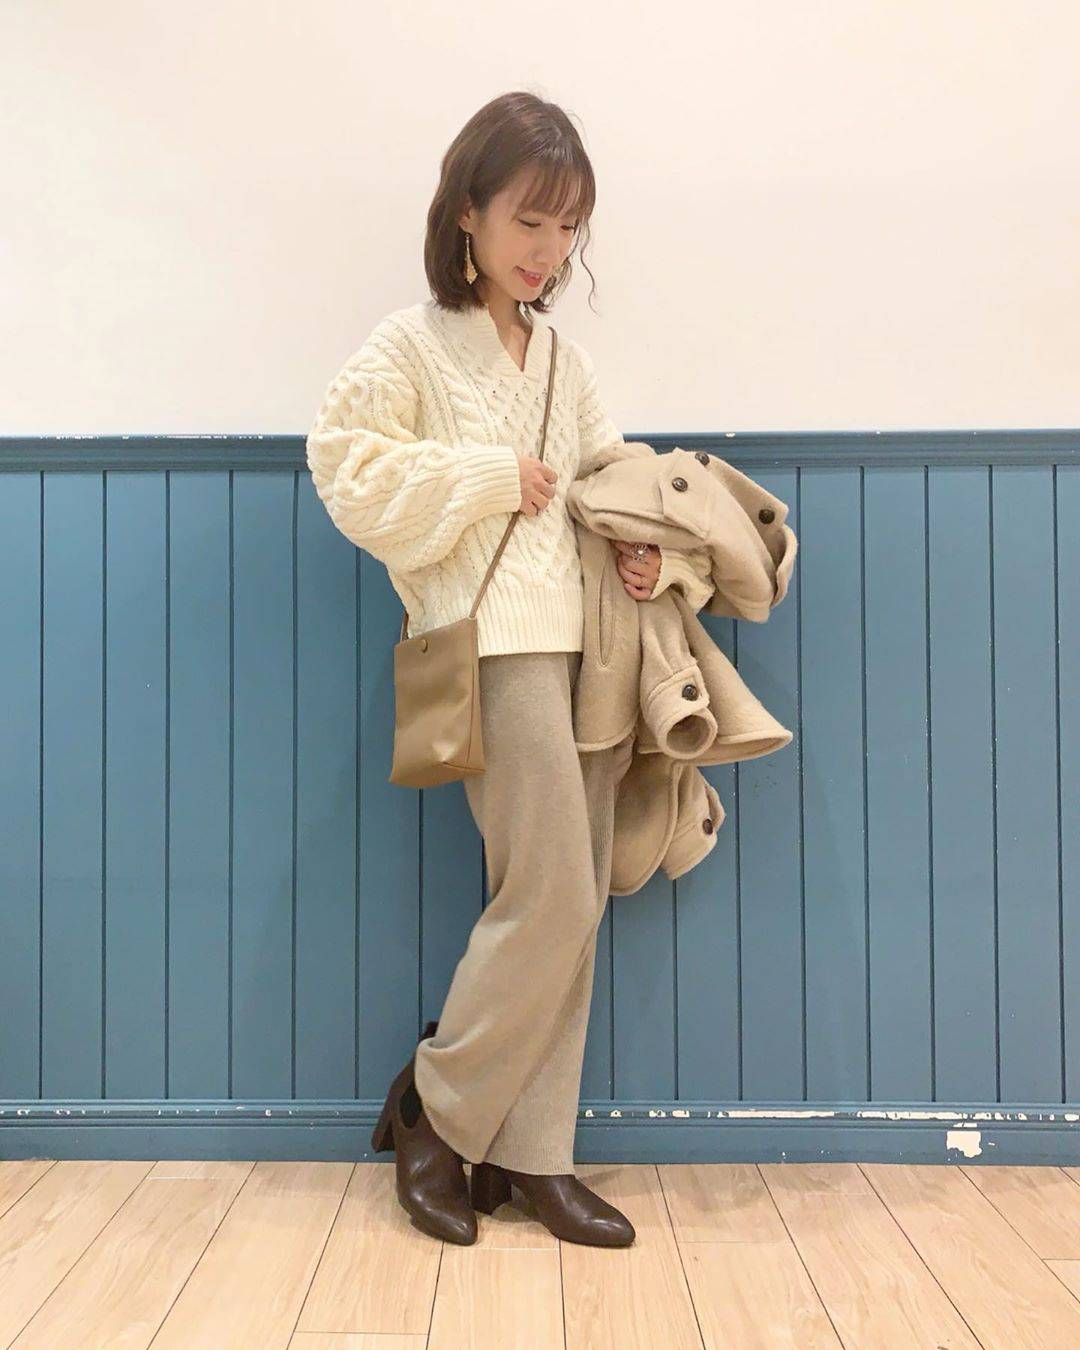 最高気温22度・最低気温15度 __tachaaanの服装